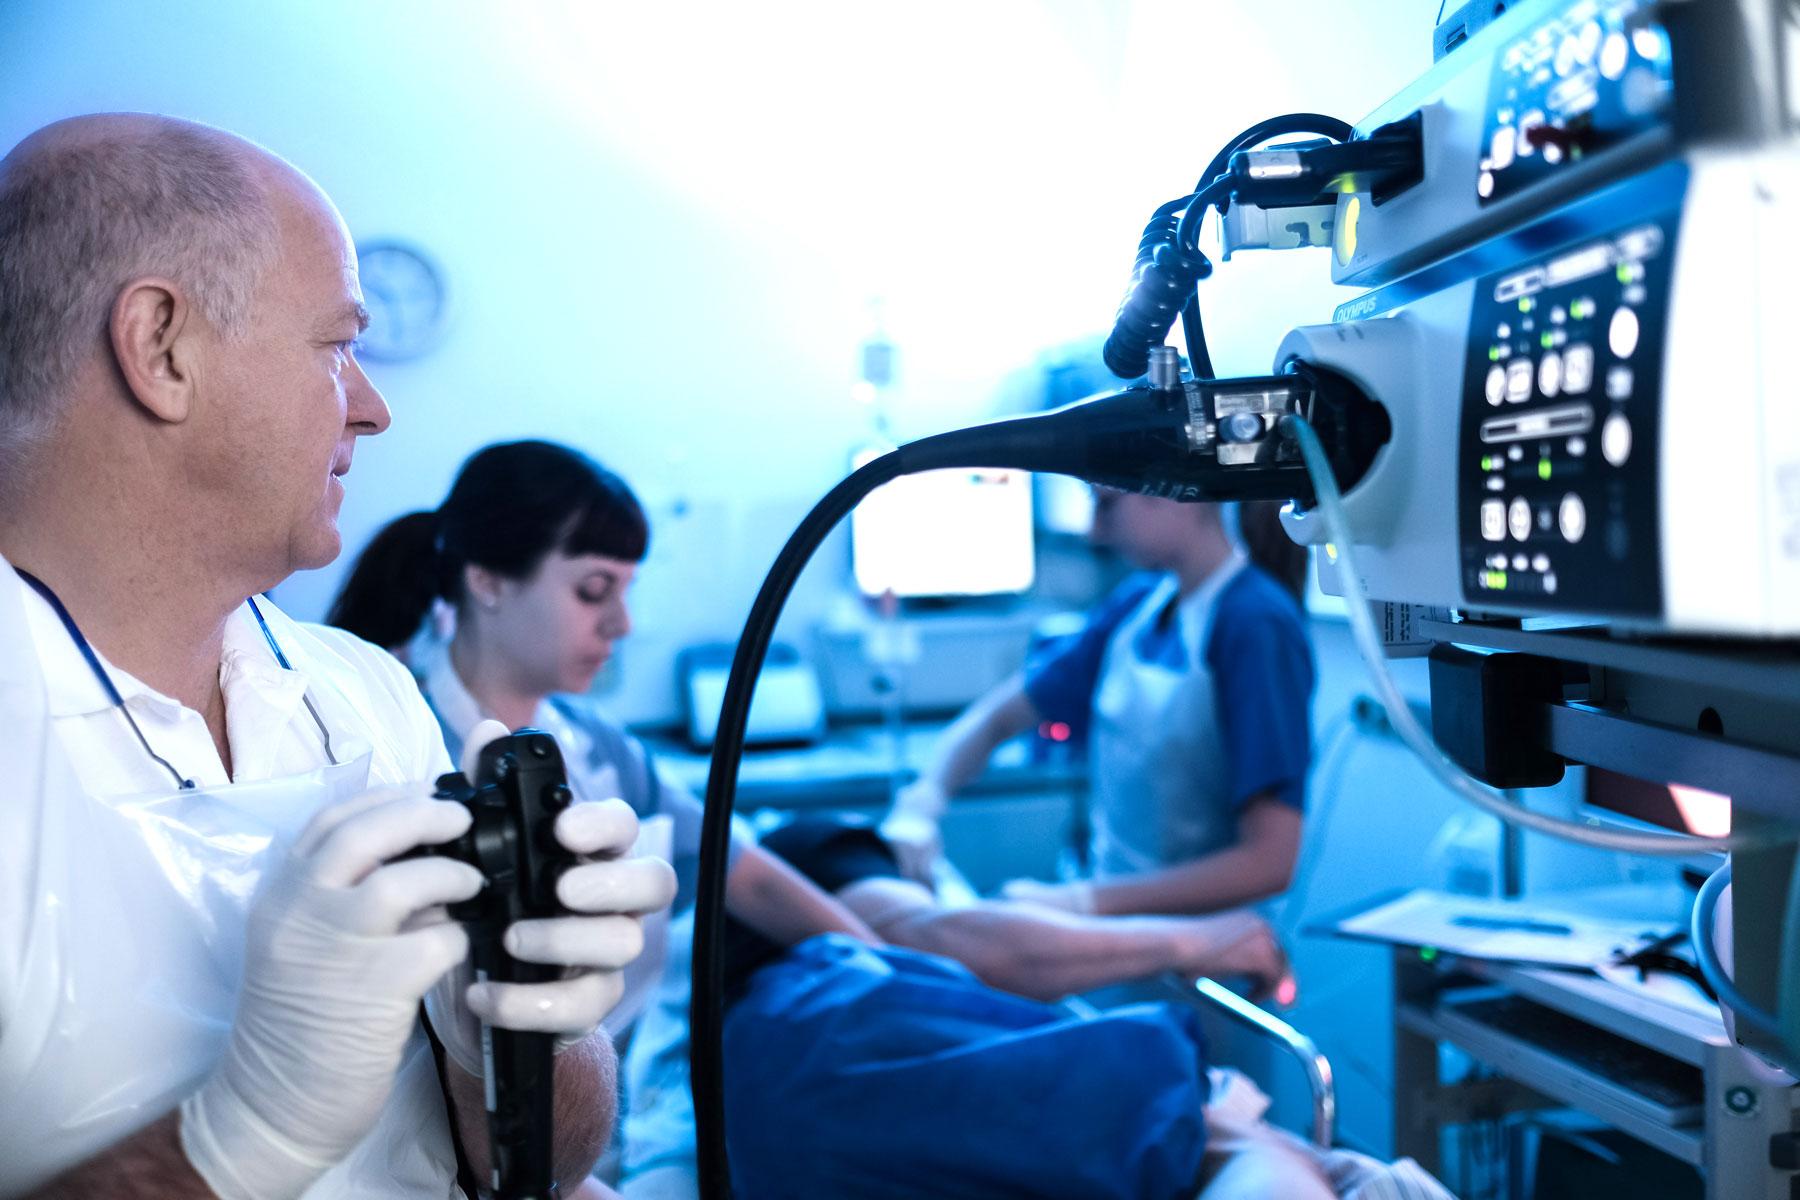 Chefarzt Prof. Dr. Josef Menzel bei einer Endoskopie im Klinikum Ingolstadt